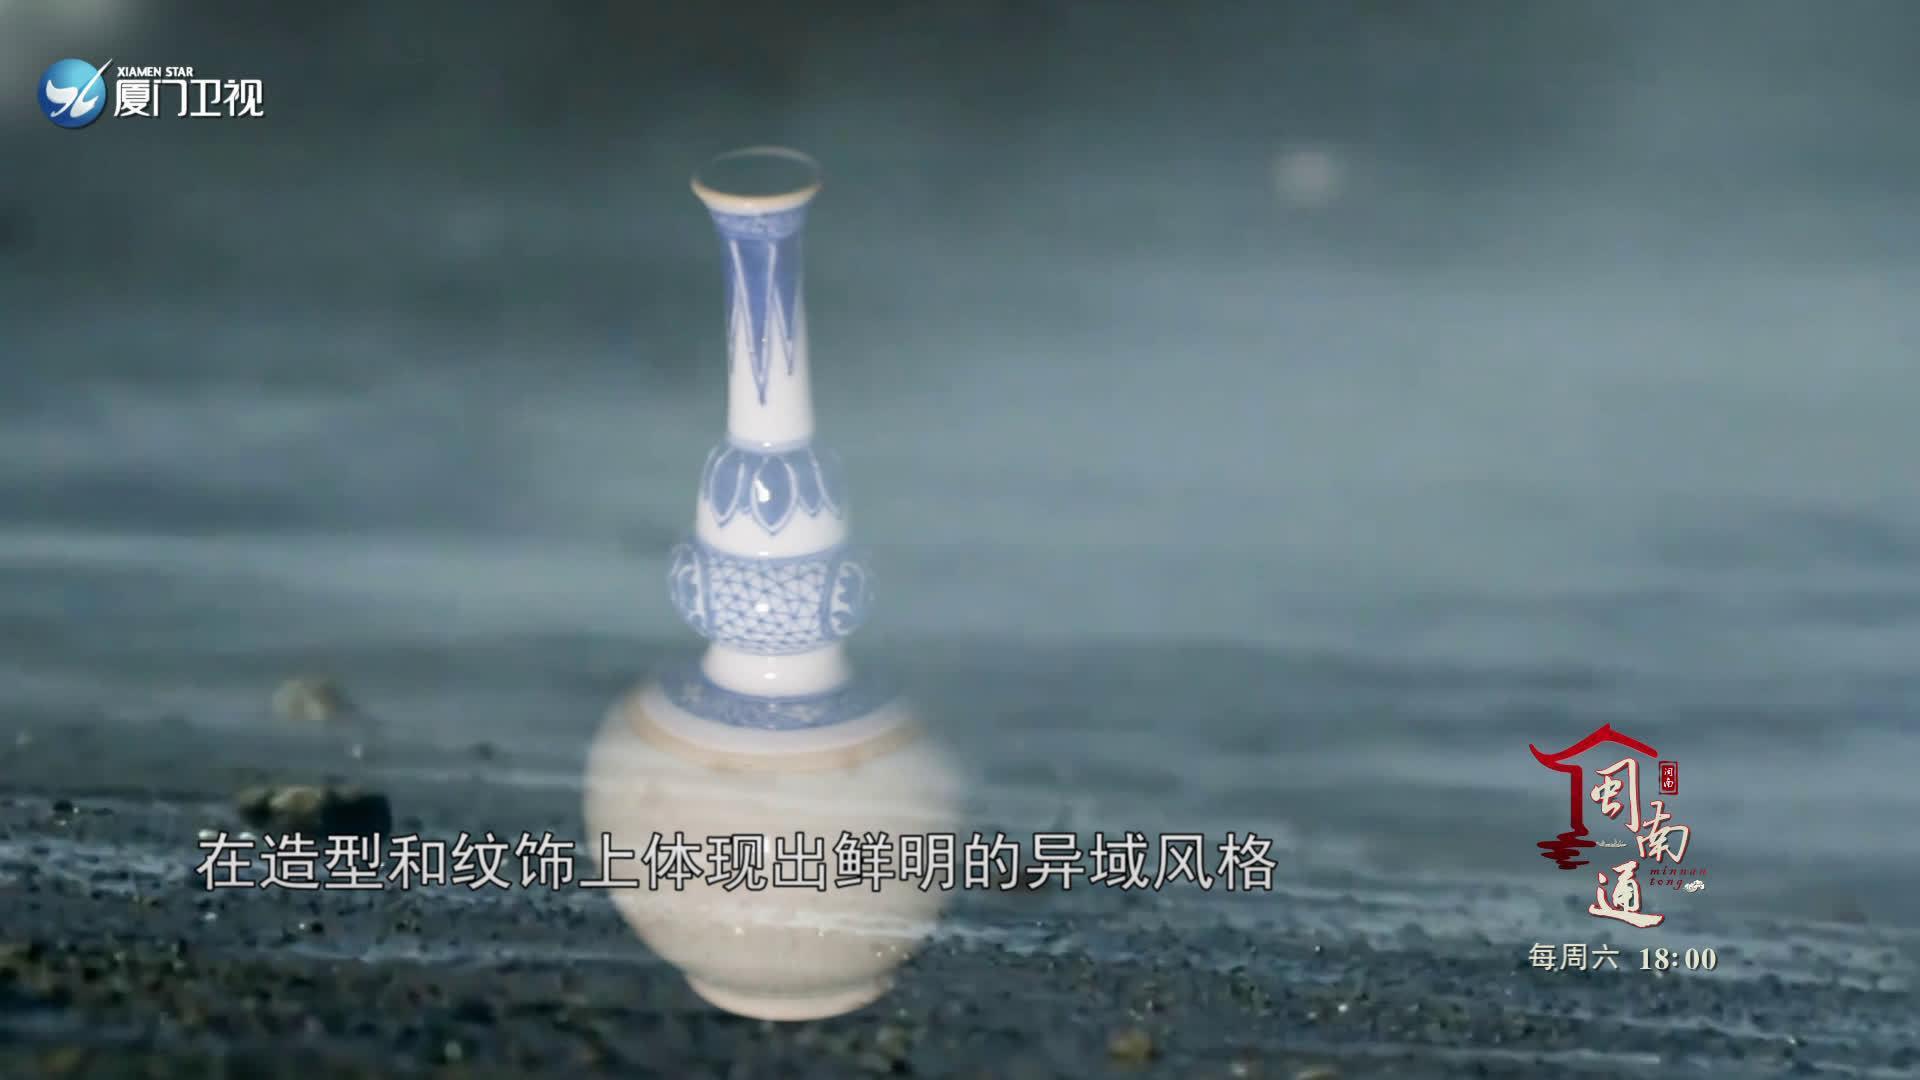 难得一见的葫芦瓶器形——青花黄釉葫芦瓶